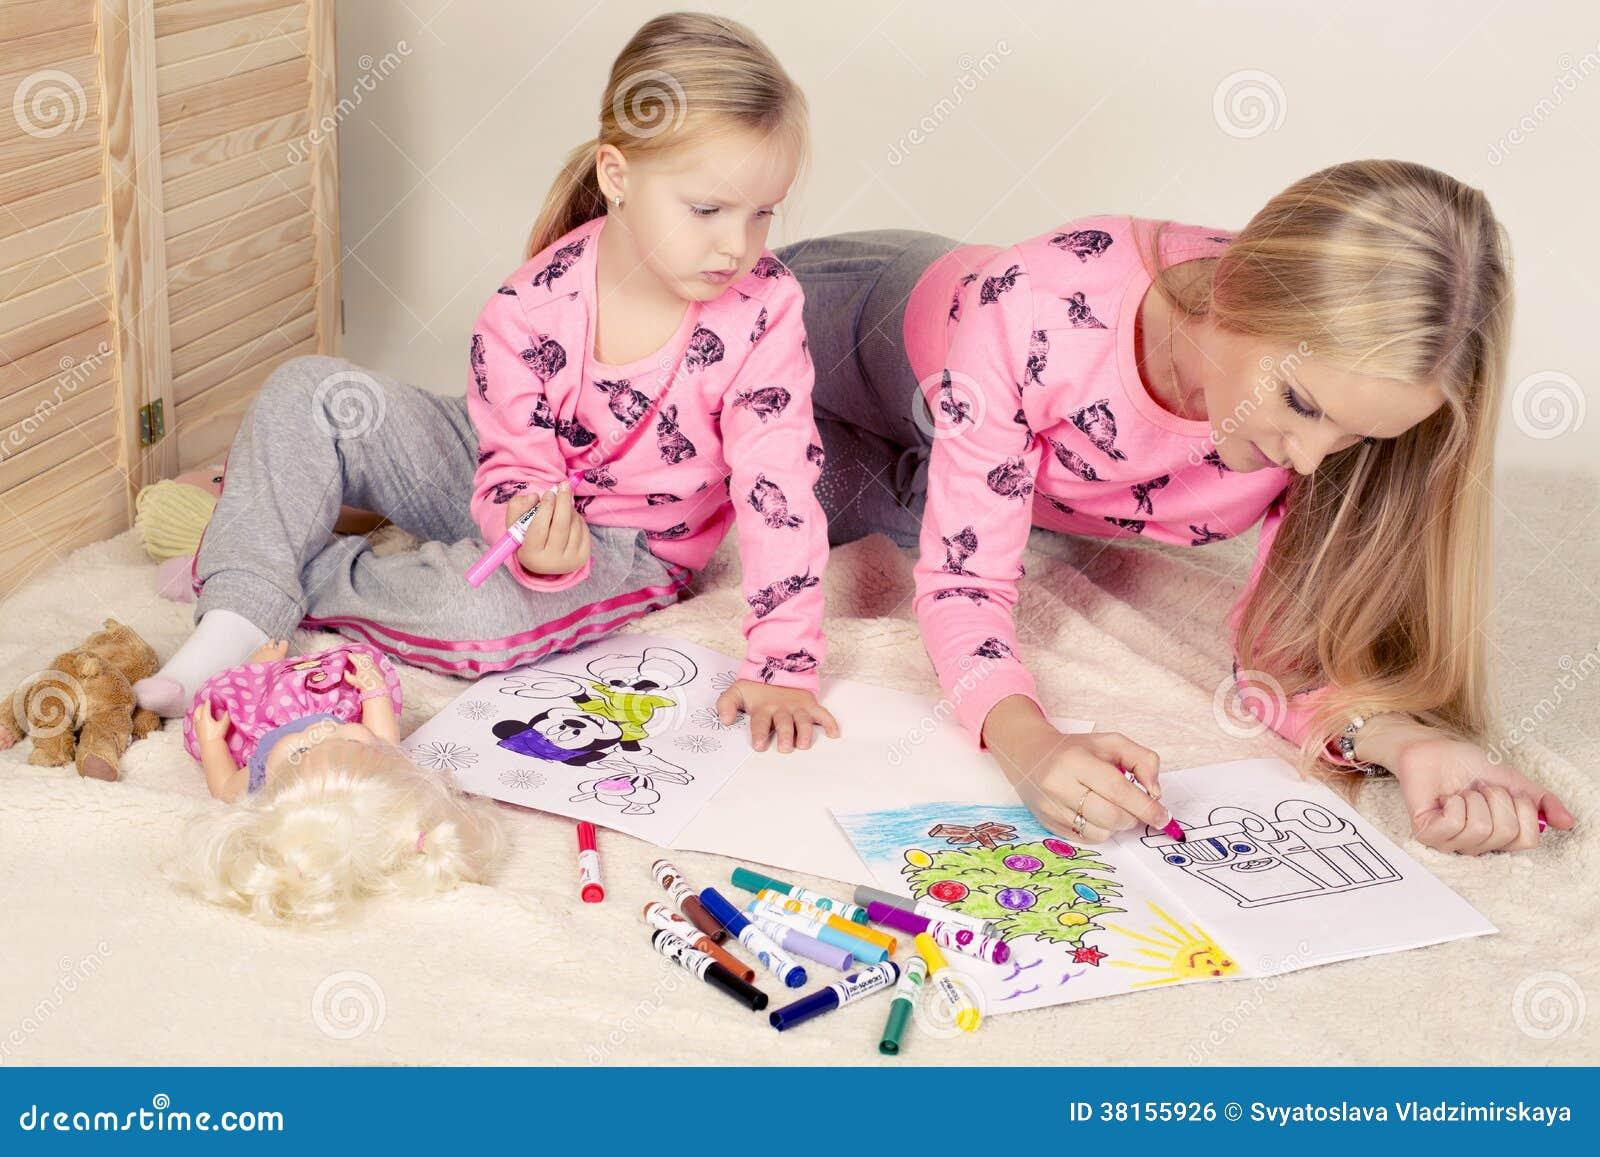 petite fille mignonne avec son dessin de maman image libre. Black Bedroom Furniture Sets. Home Design Ideas